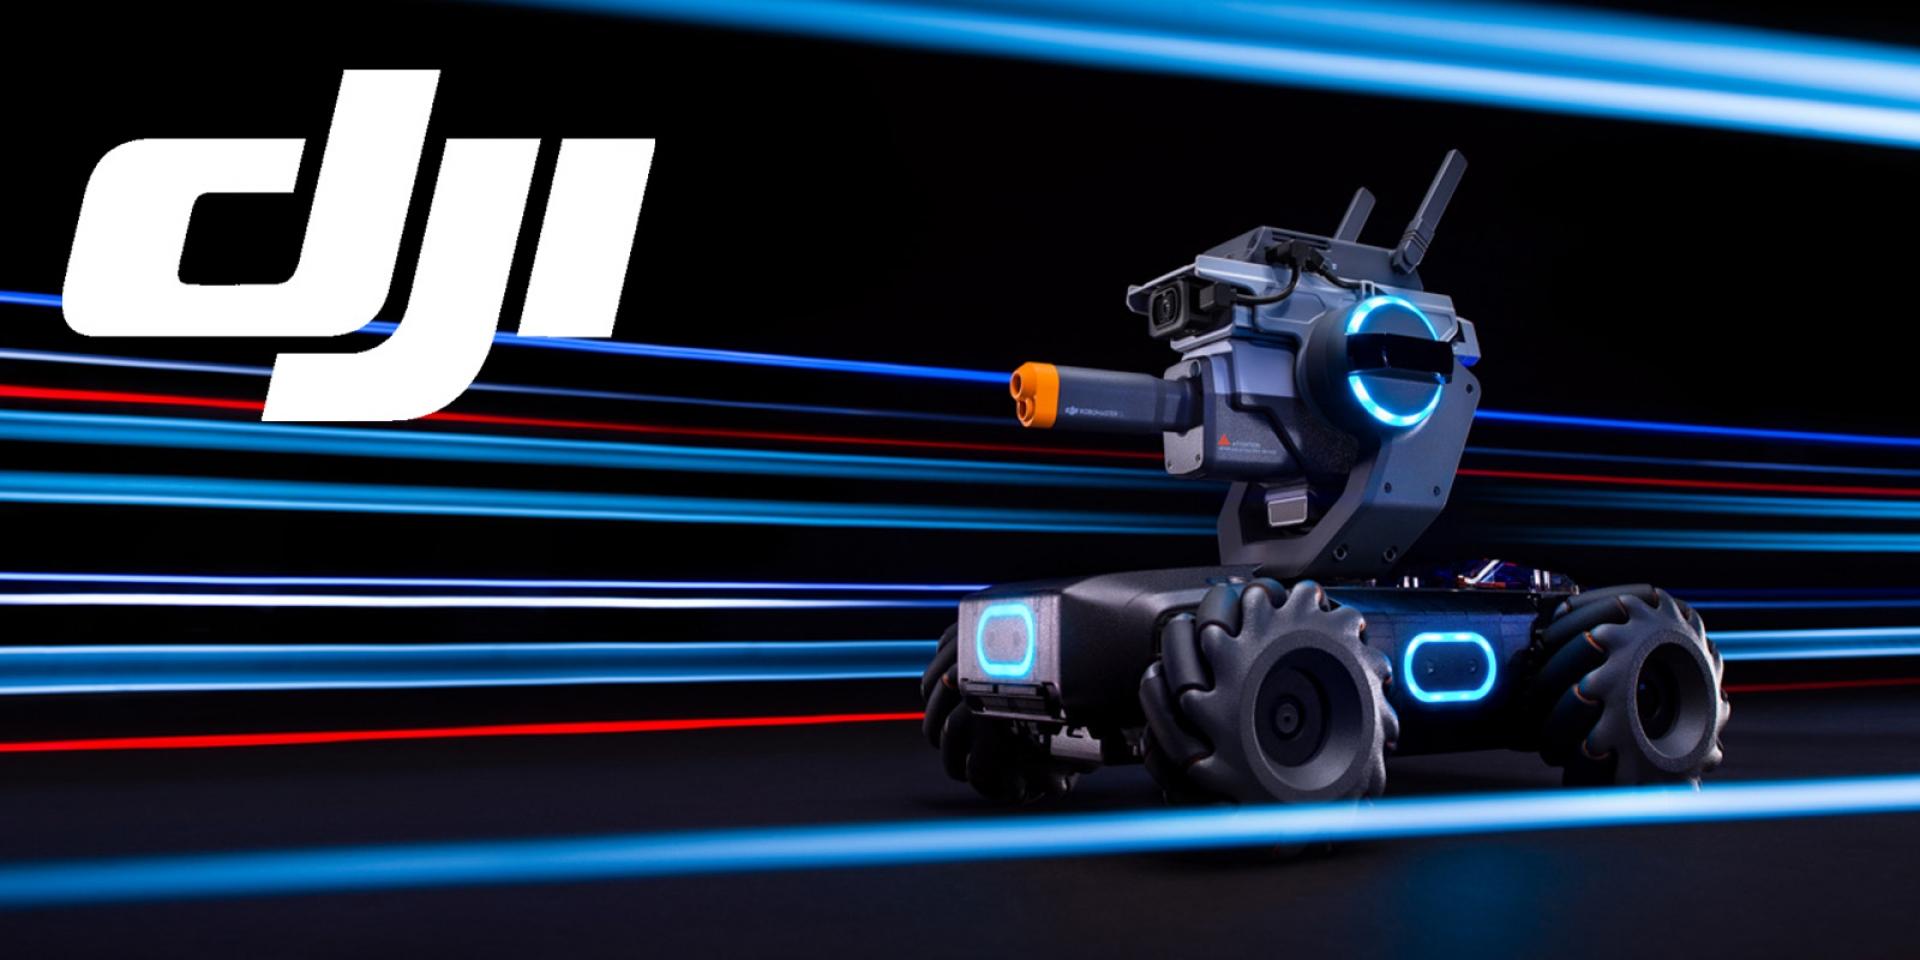 真。玩樂中學習,娛樂性十足的教育機器人。DJI RoboMaster S1